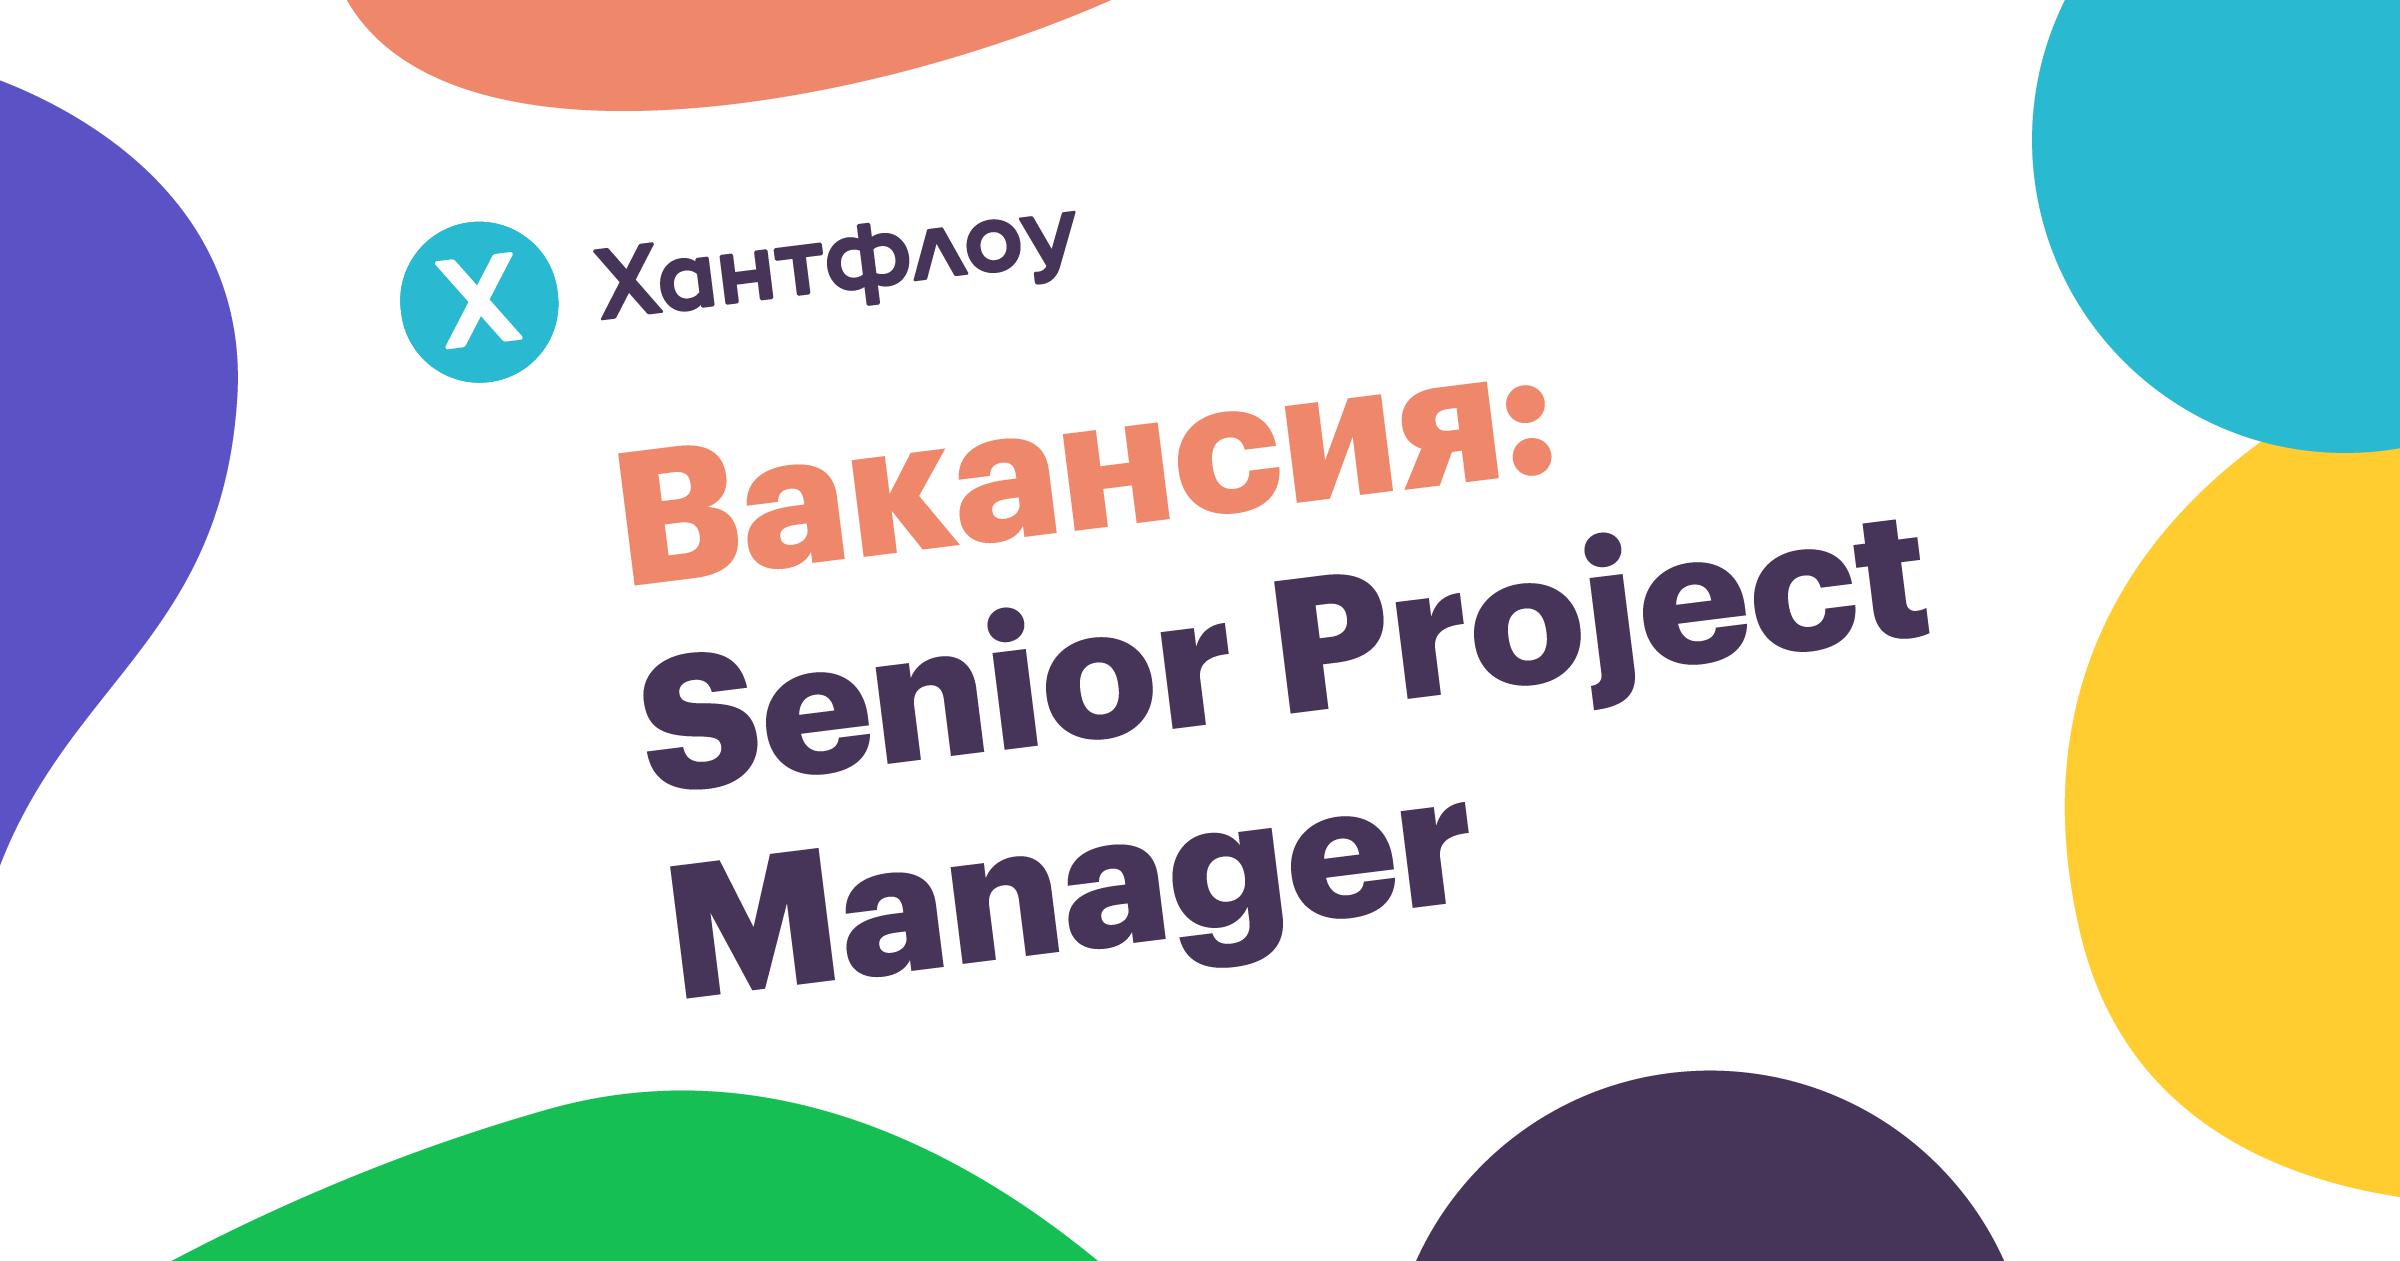 вакансия, Хантфлоу, проджект менеджер, project manager, сениор, айти, huntflow